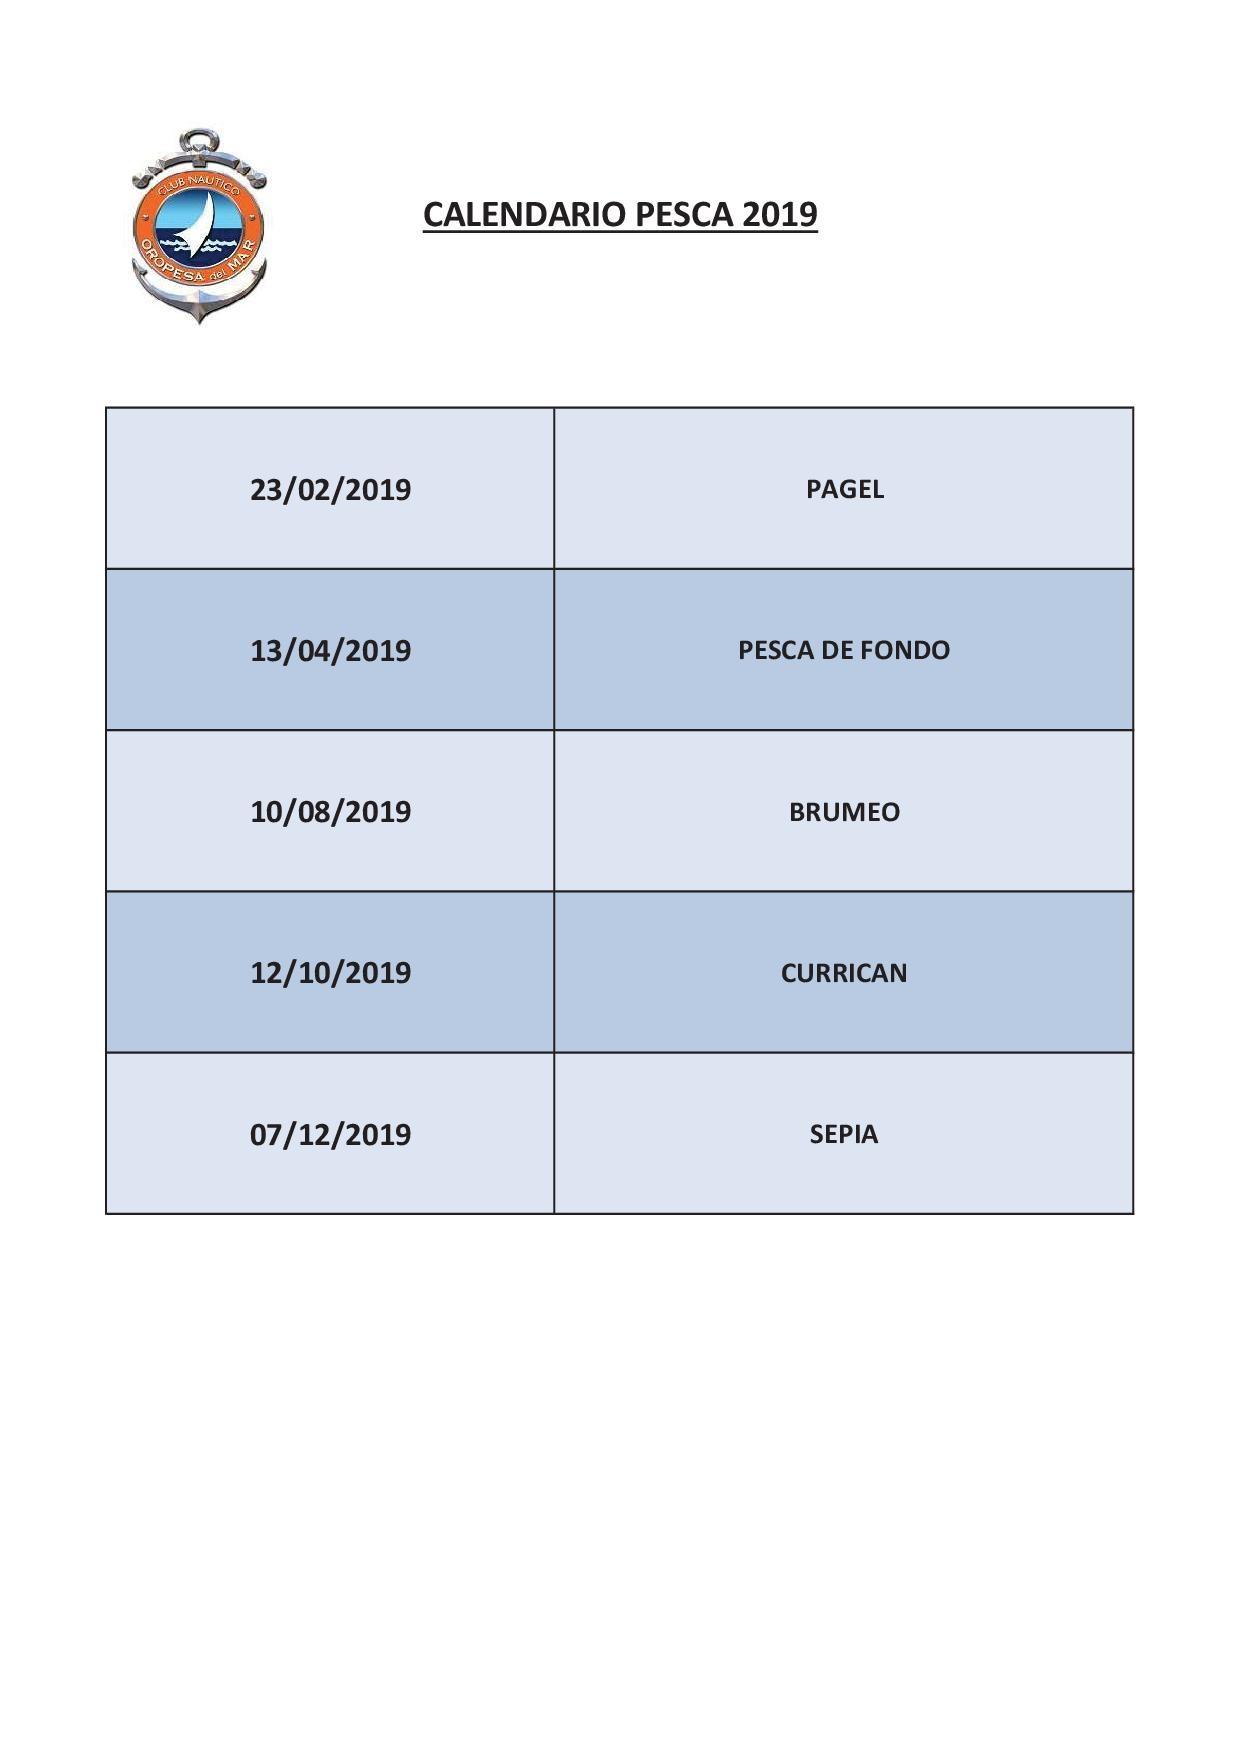 CALENDARIO PESCA 2019 - Calendario pesca 2019